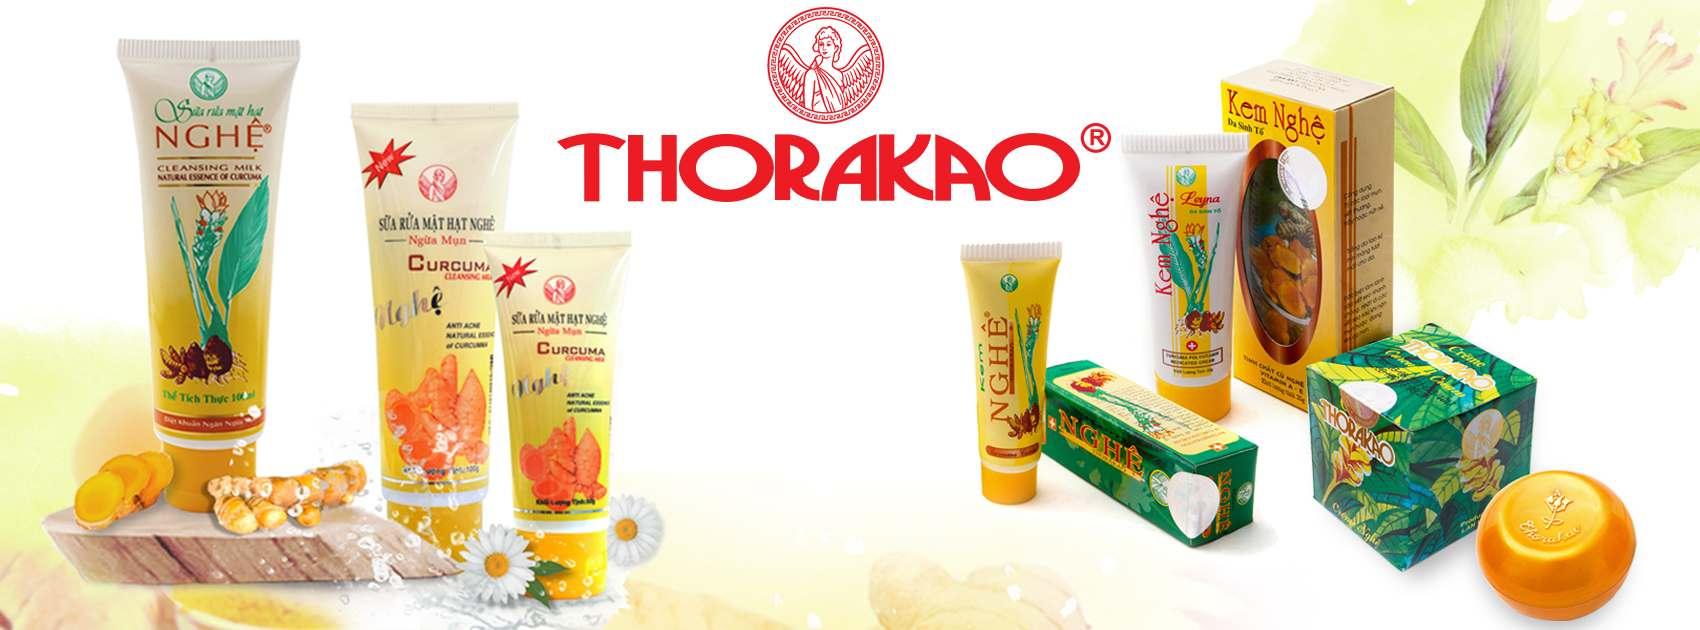 Thorakao cosmetics from Vietnam